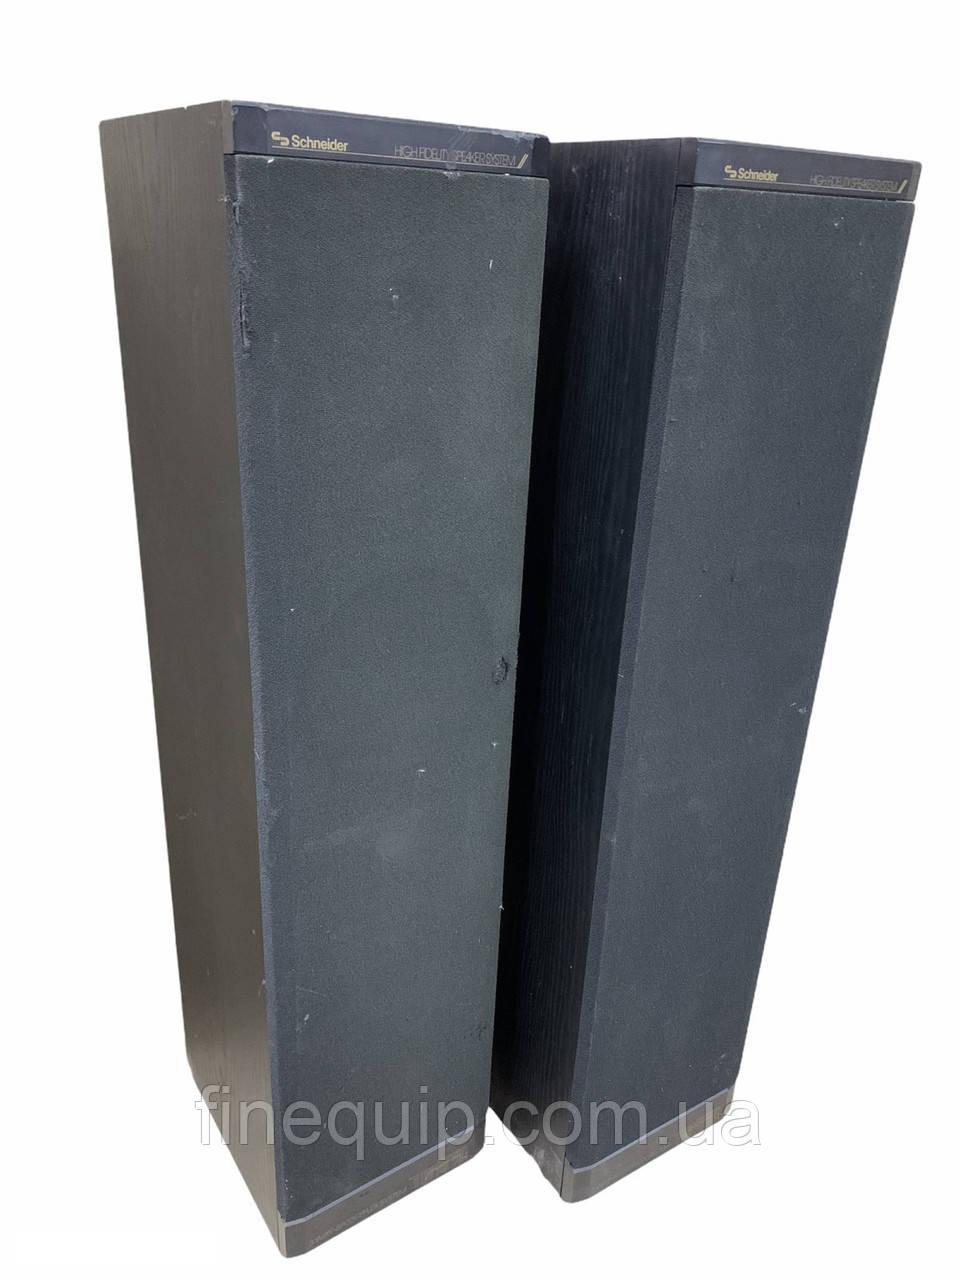 Акустические Колонки  Schneider 8021.1 LS   Б/У